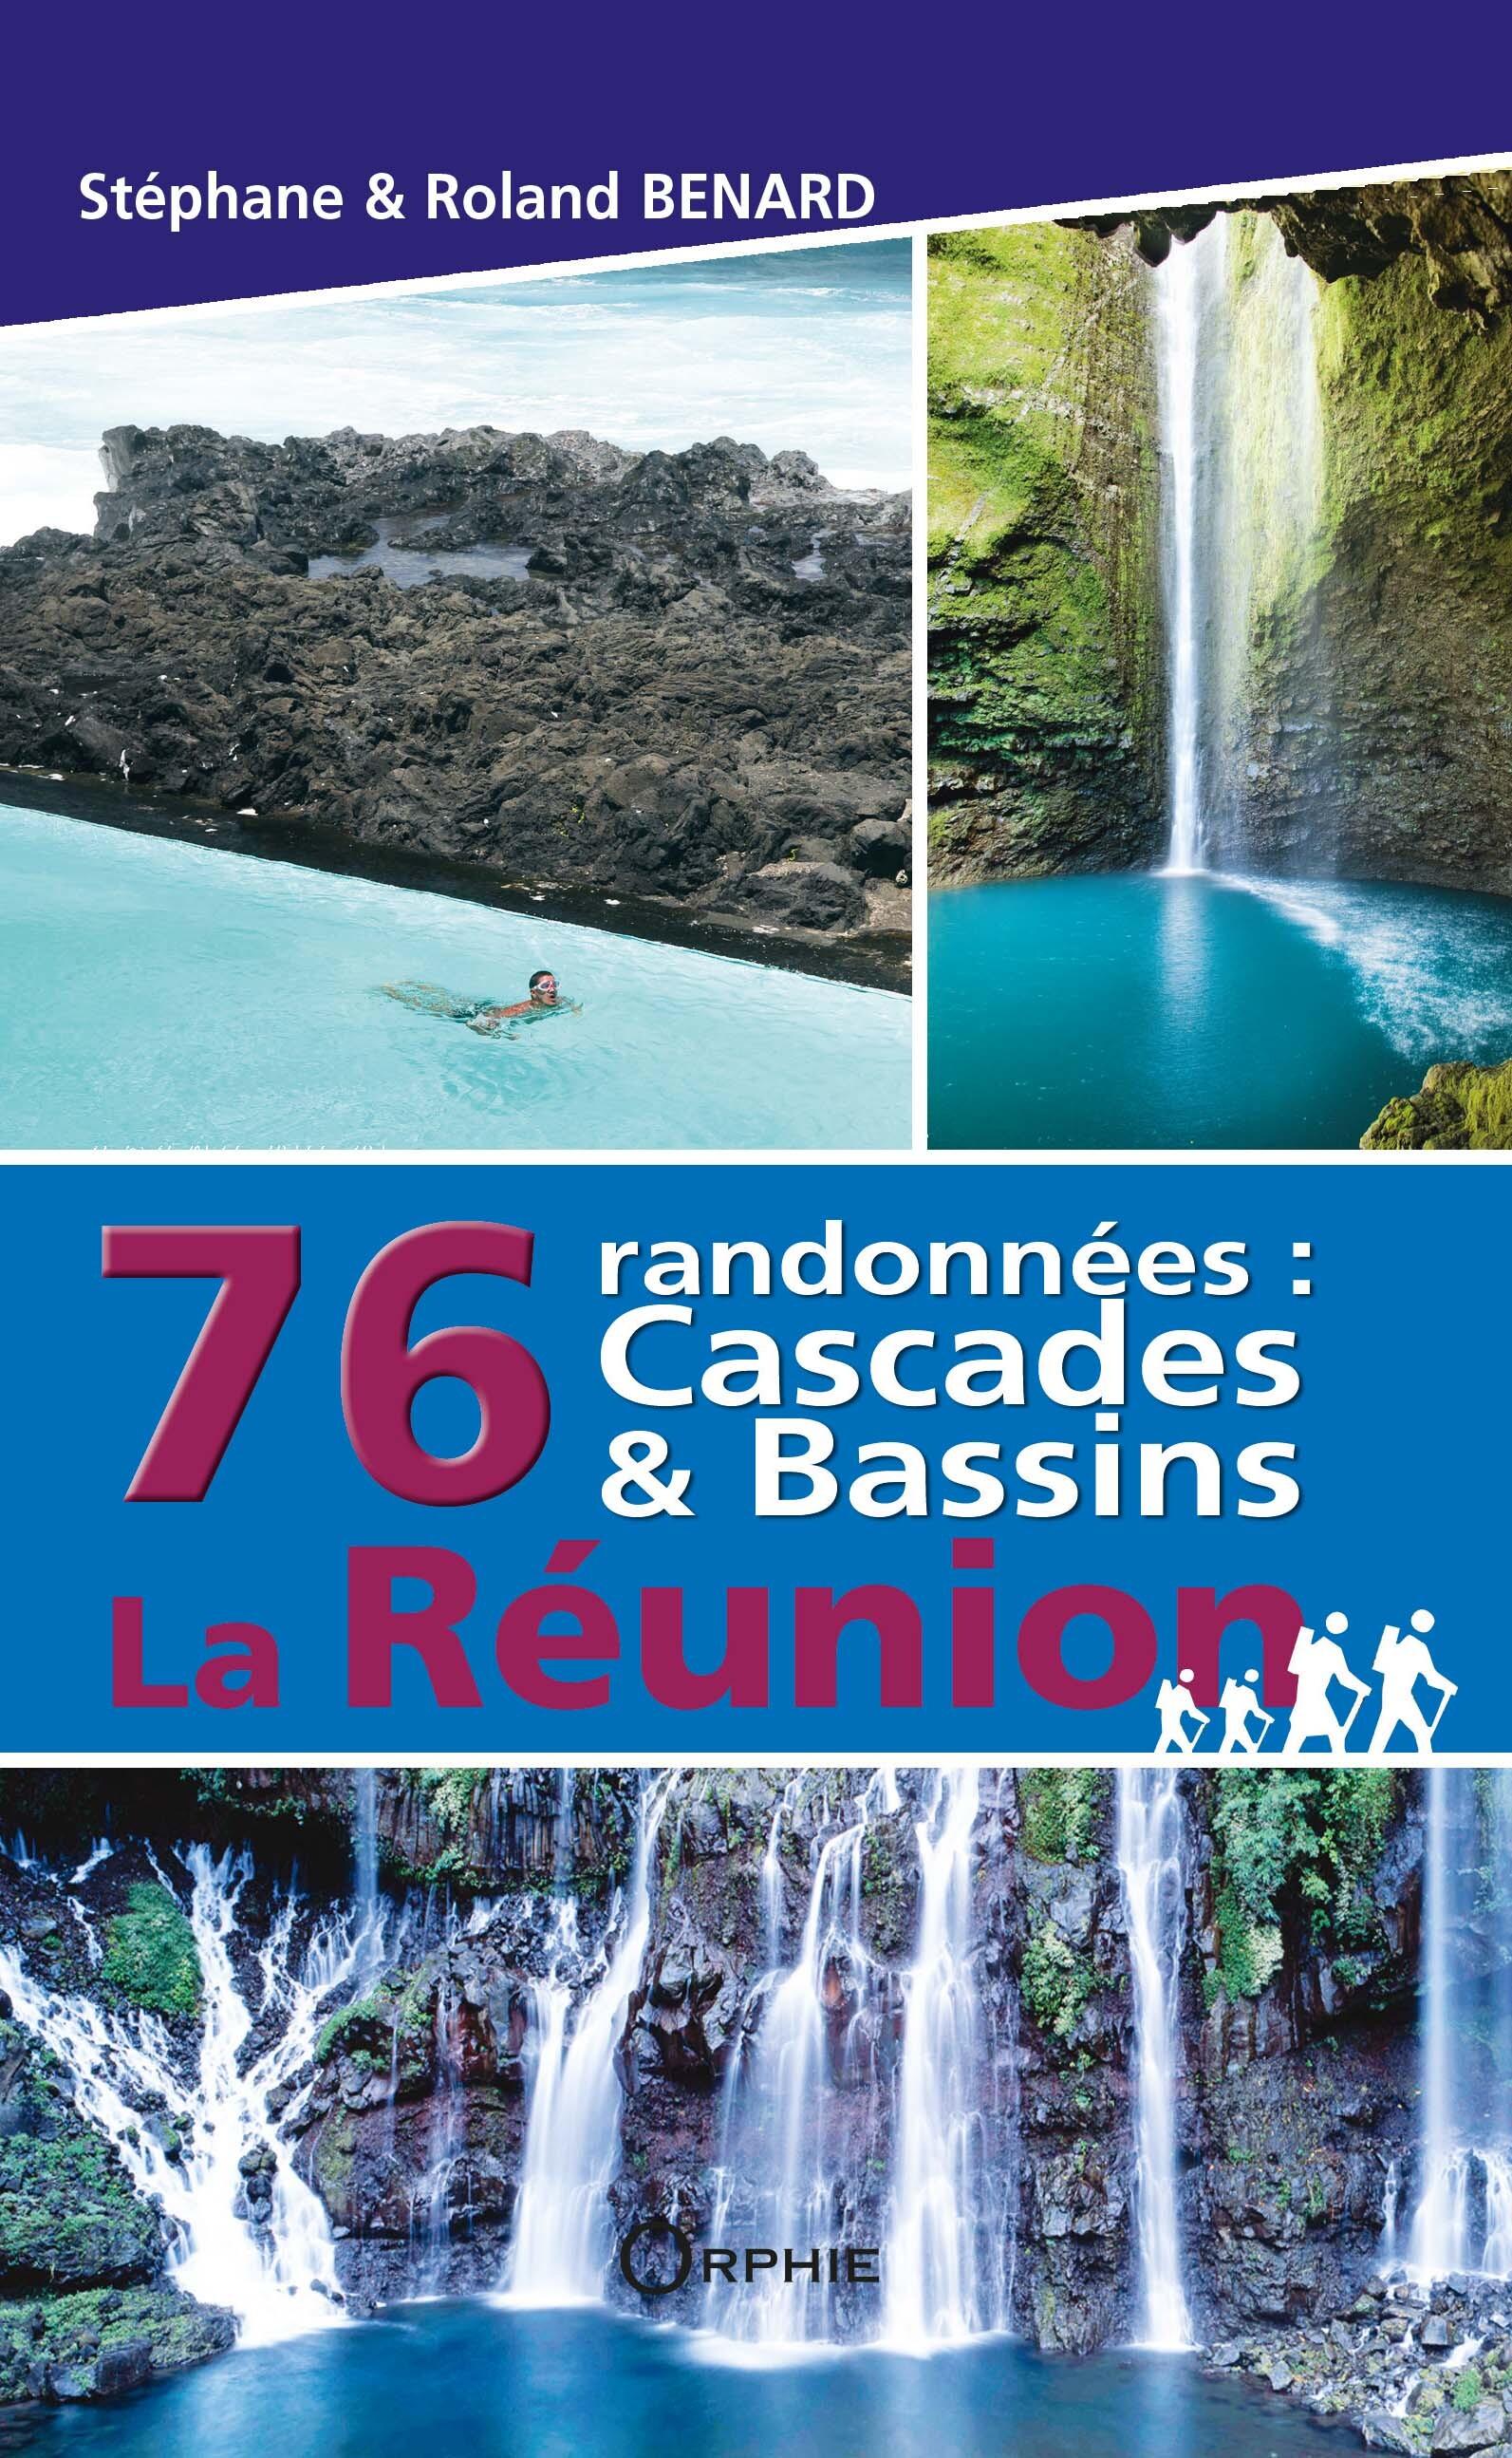 76 RANDONNEES LA REUNION CASCADES ET